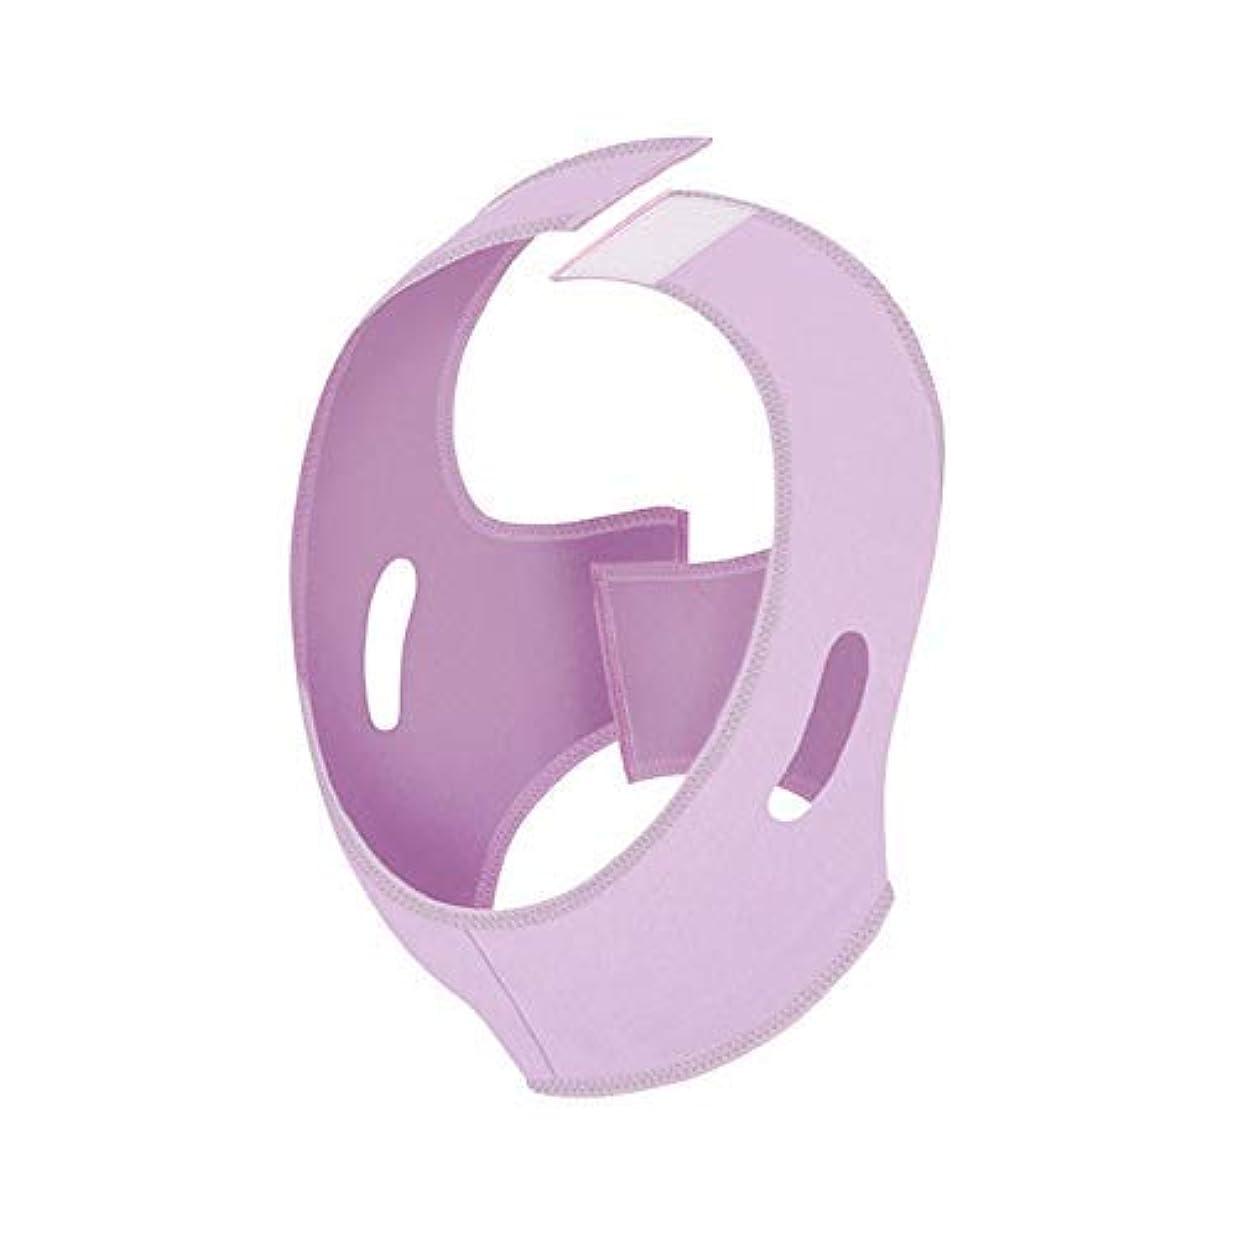 価格お金細部フェイシャルマスク、フェイスリフティングアーティファクトフェイスマスク垂れ下がり面付きVフェイス包帯通気性スリーピングフェイスダブルチンチンセット睡眠弾性スリムベルト